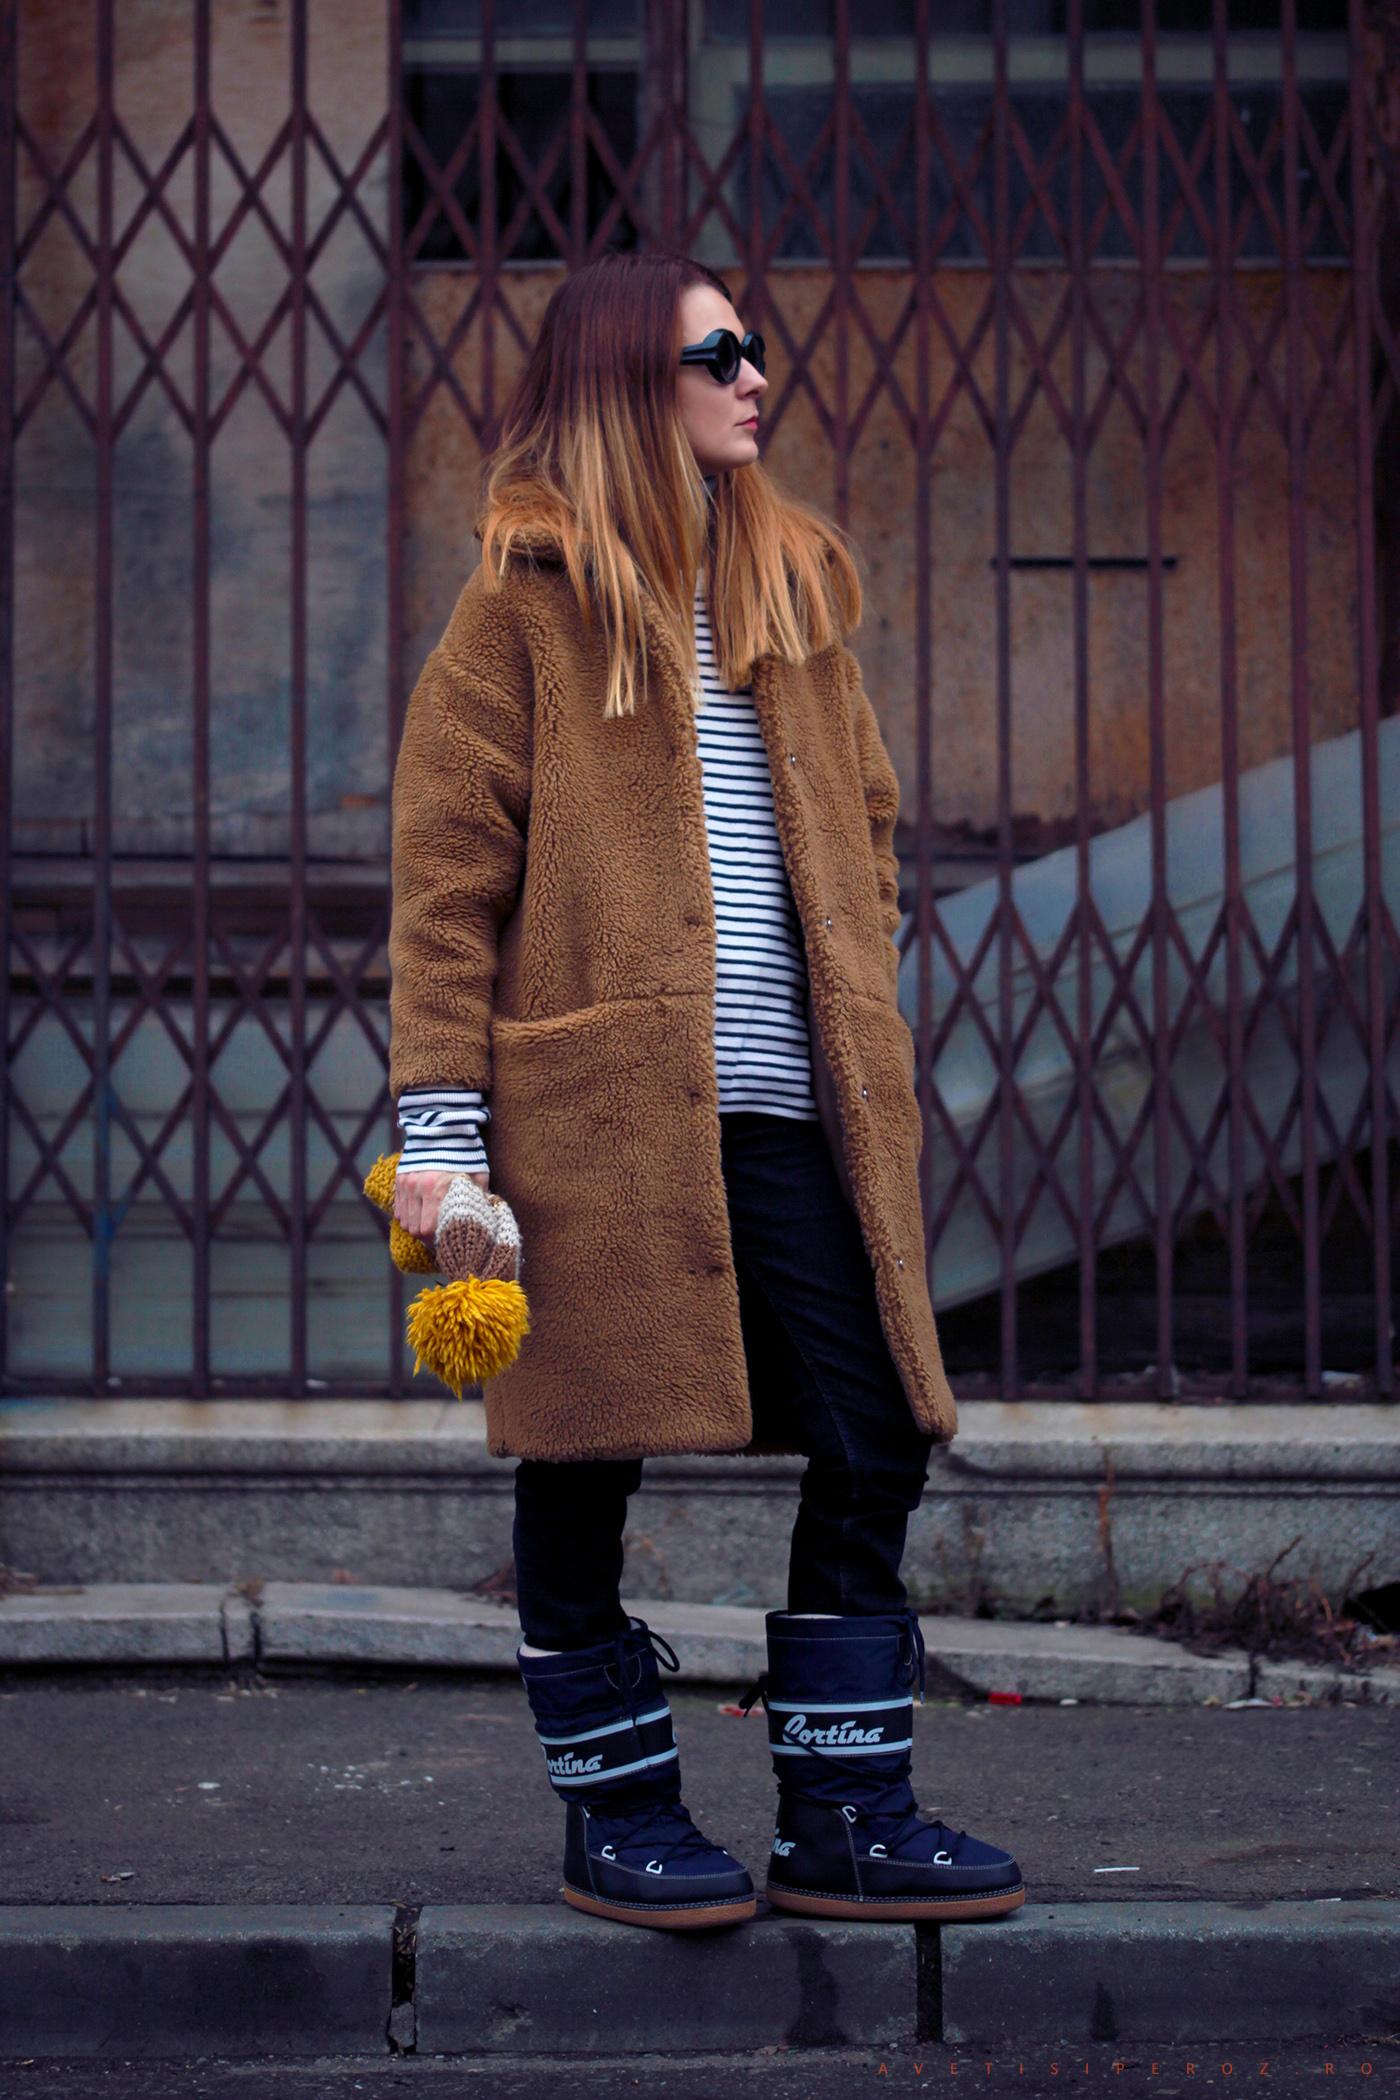 teddy bear coat outfit